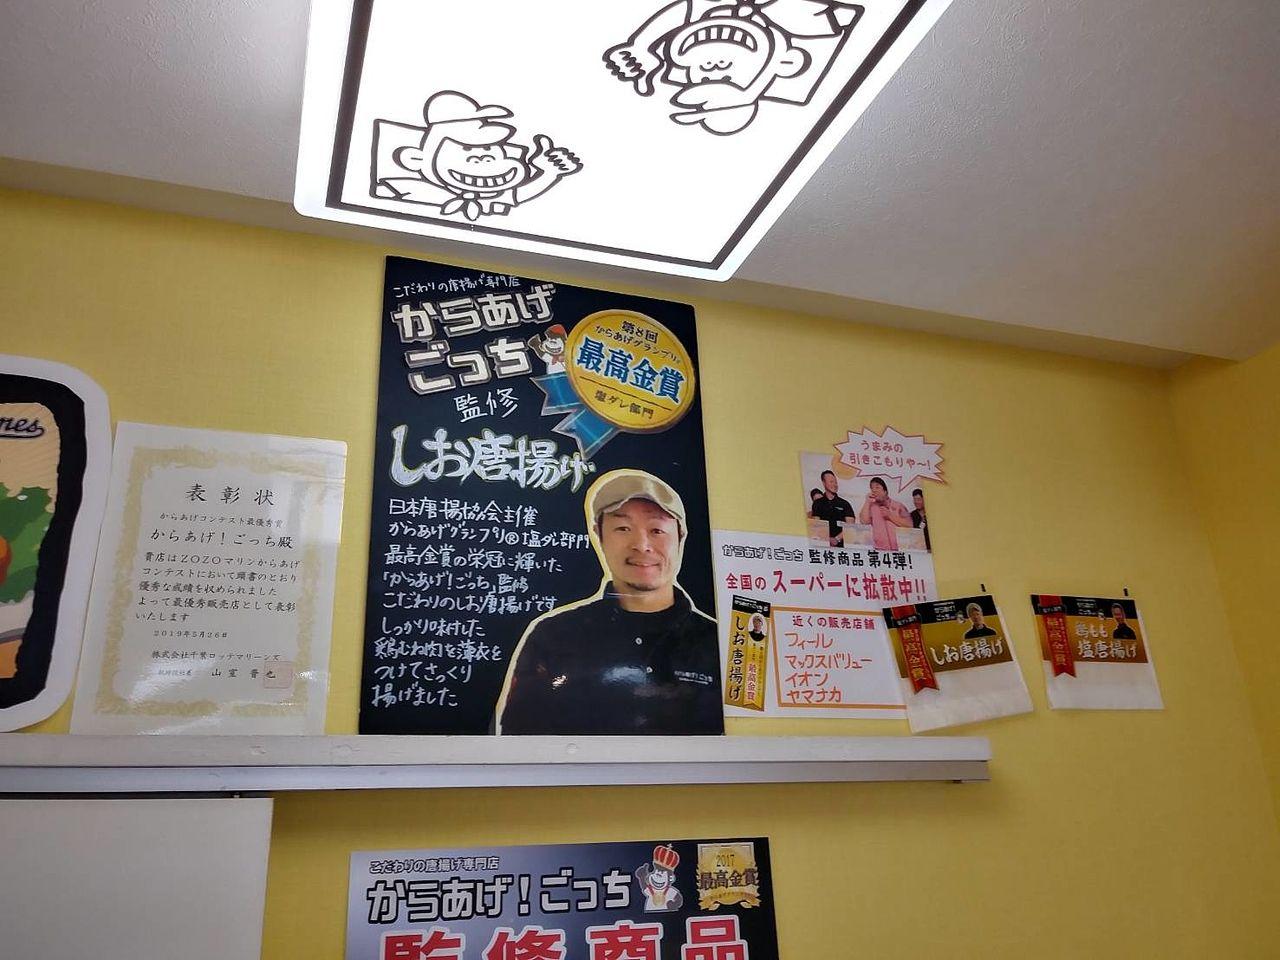 忙しい店長さんは出張で不在にしていることも多いです。有名店は大変ですね。